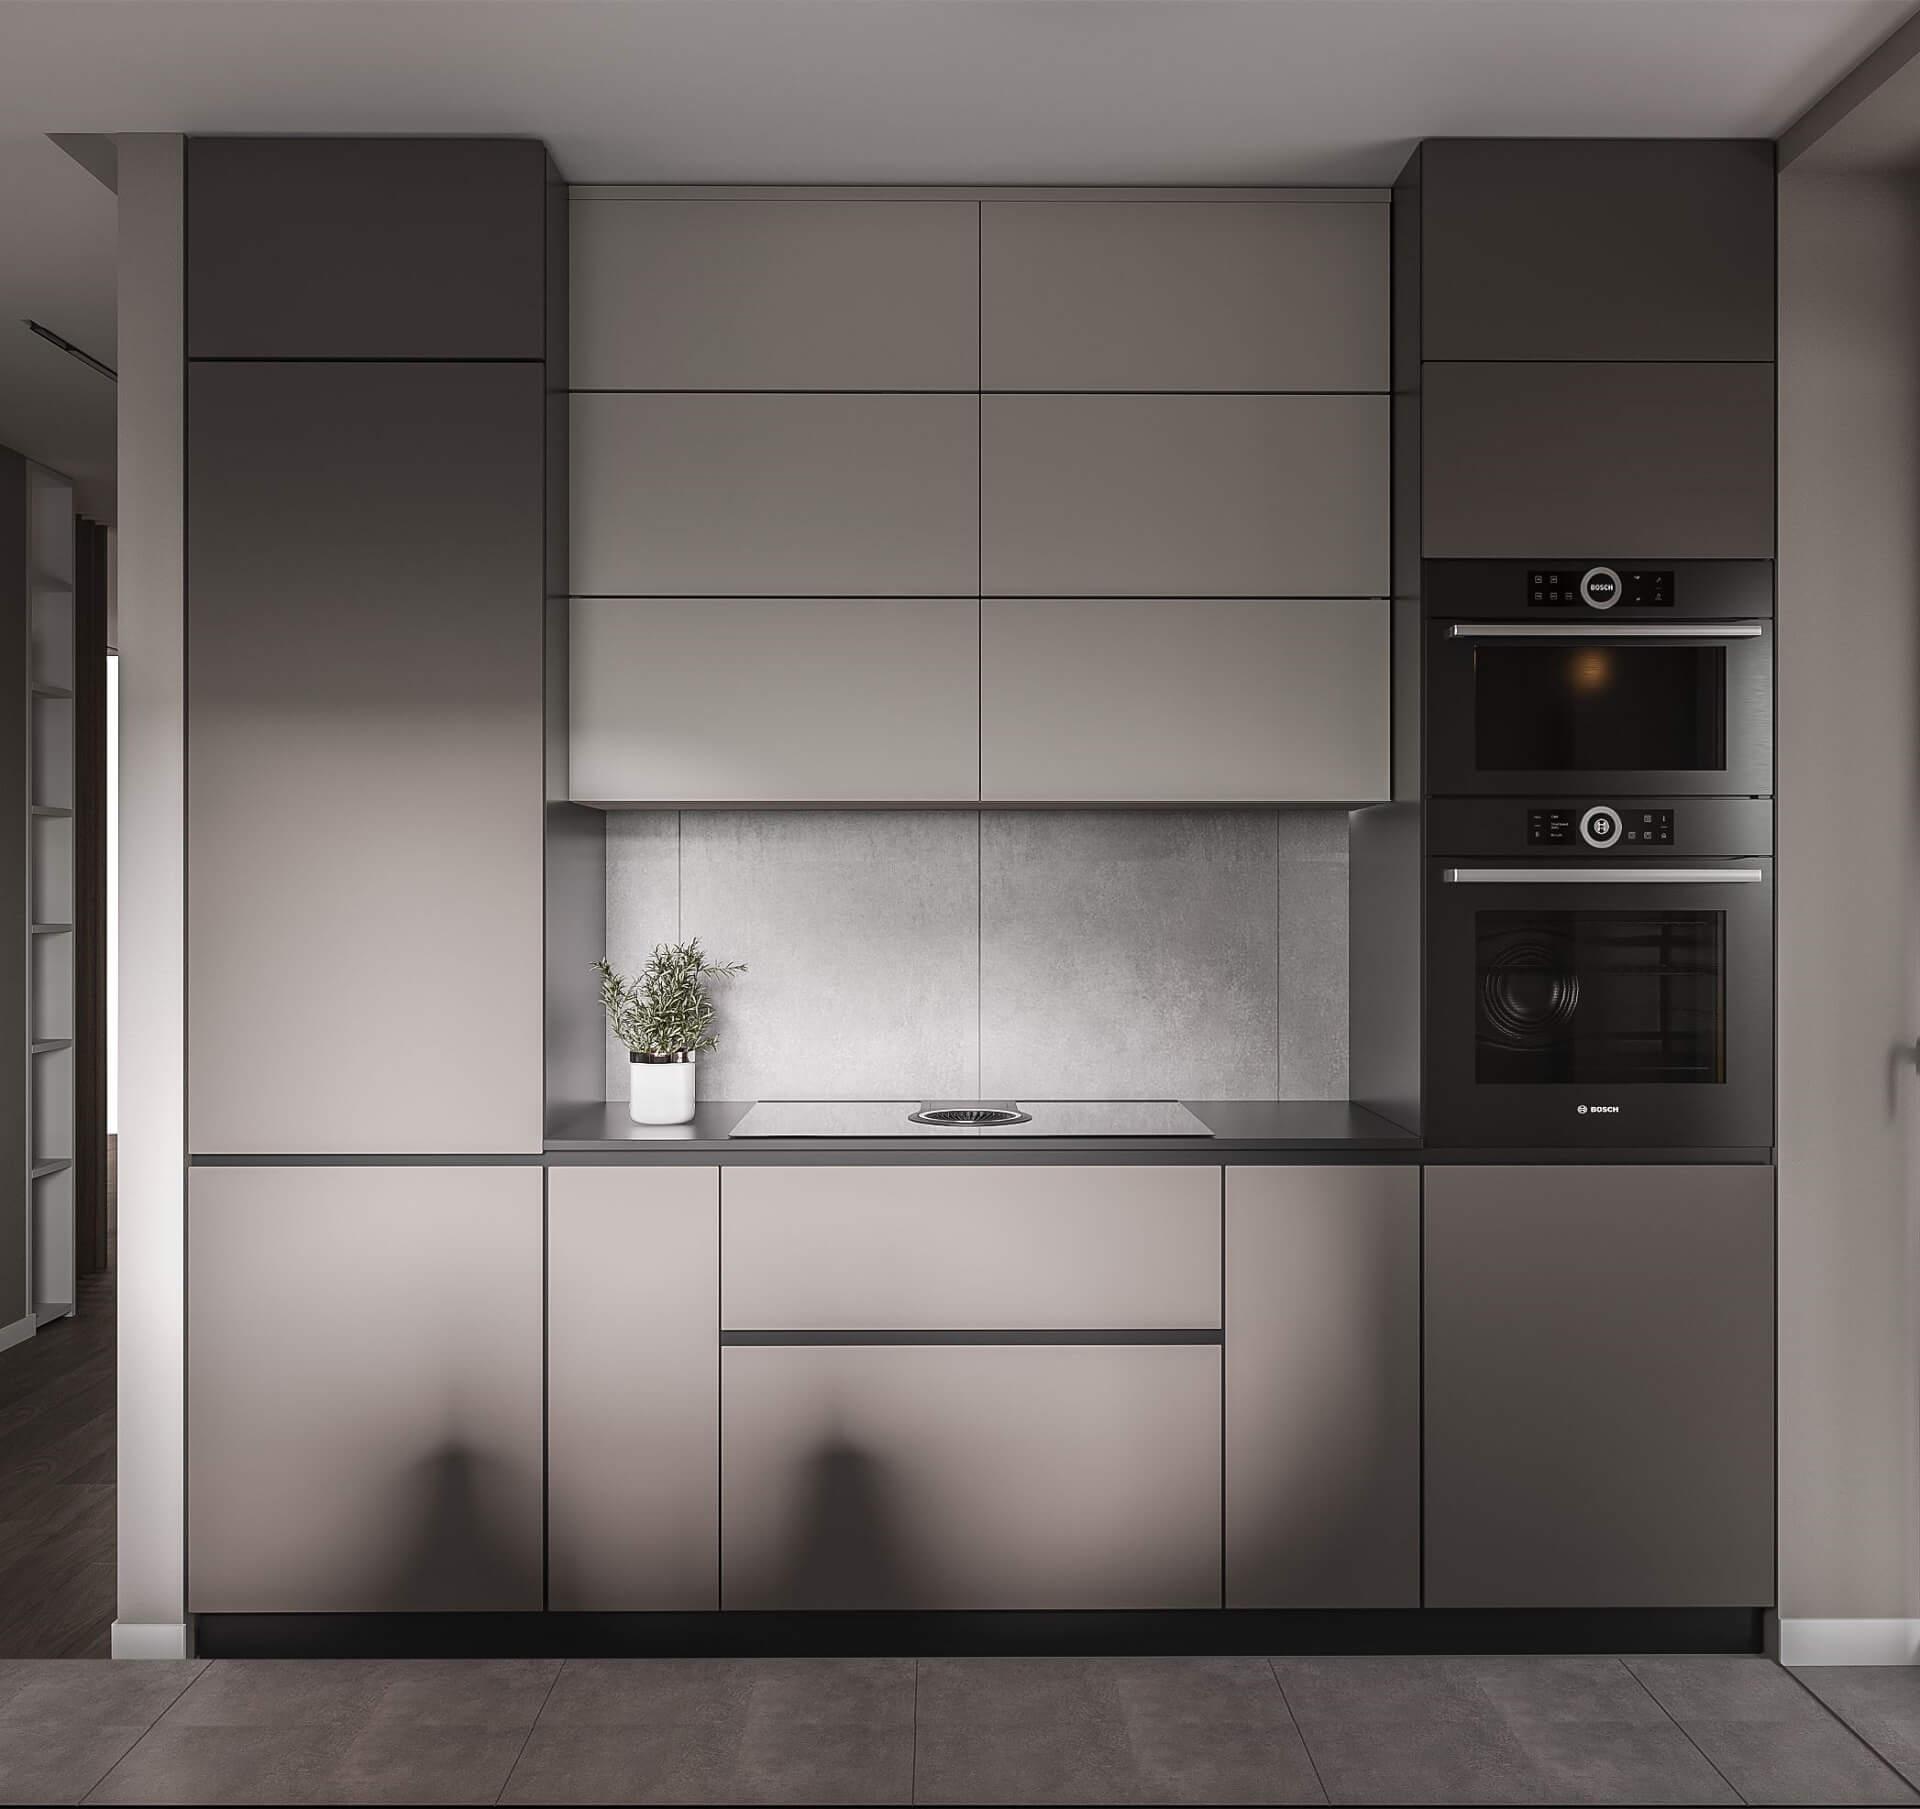 Дизайн кухни-гостиной. Интерьер кухни. Вид 2.